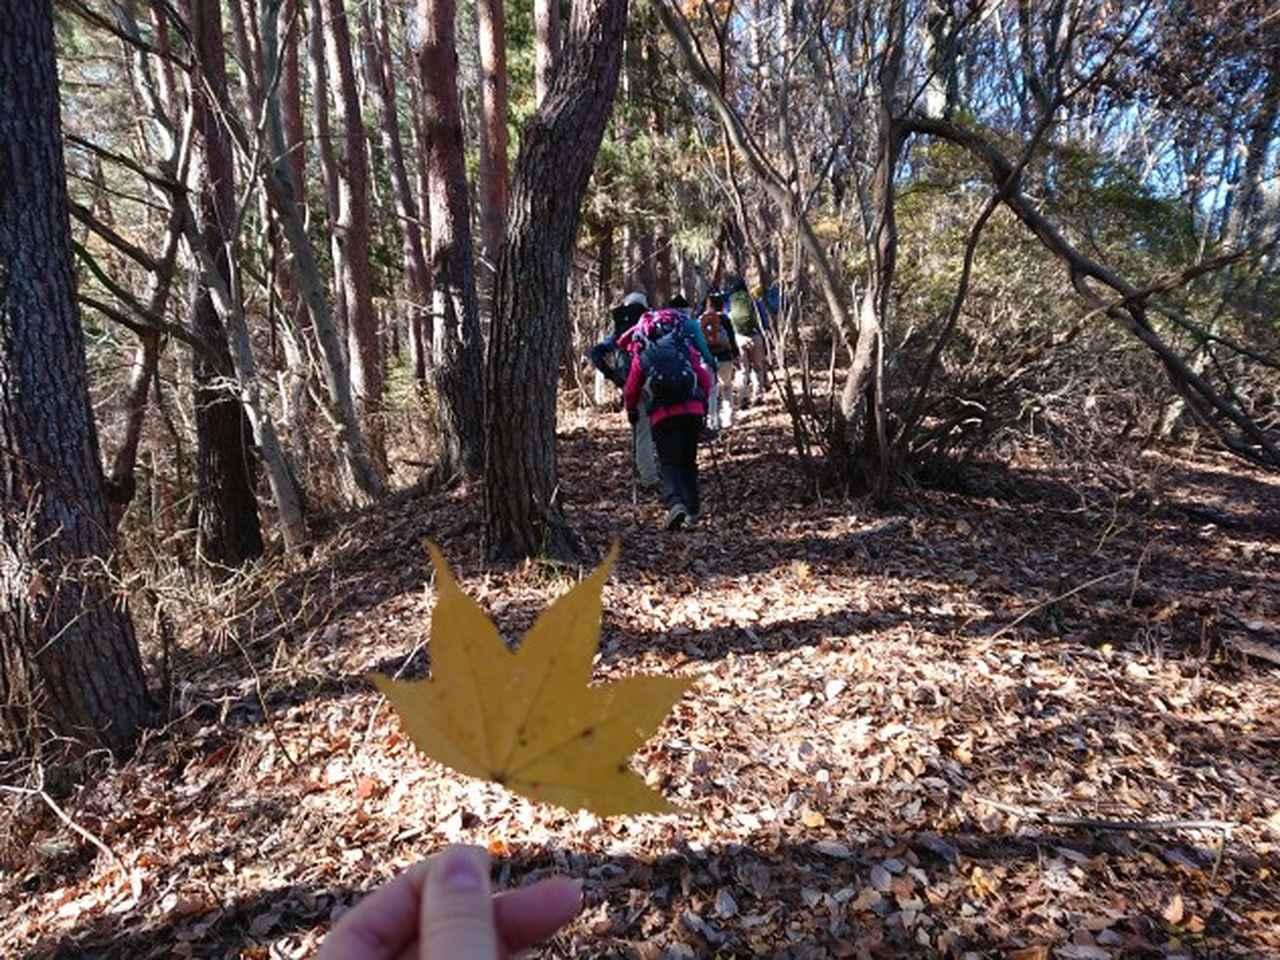 画像2: 12月8日に「ツール・ド・富士山番外編」 倉見山 へ行ってきました♪